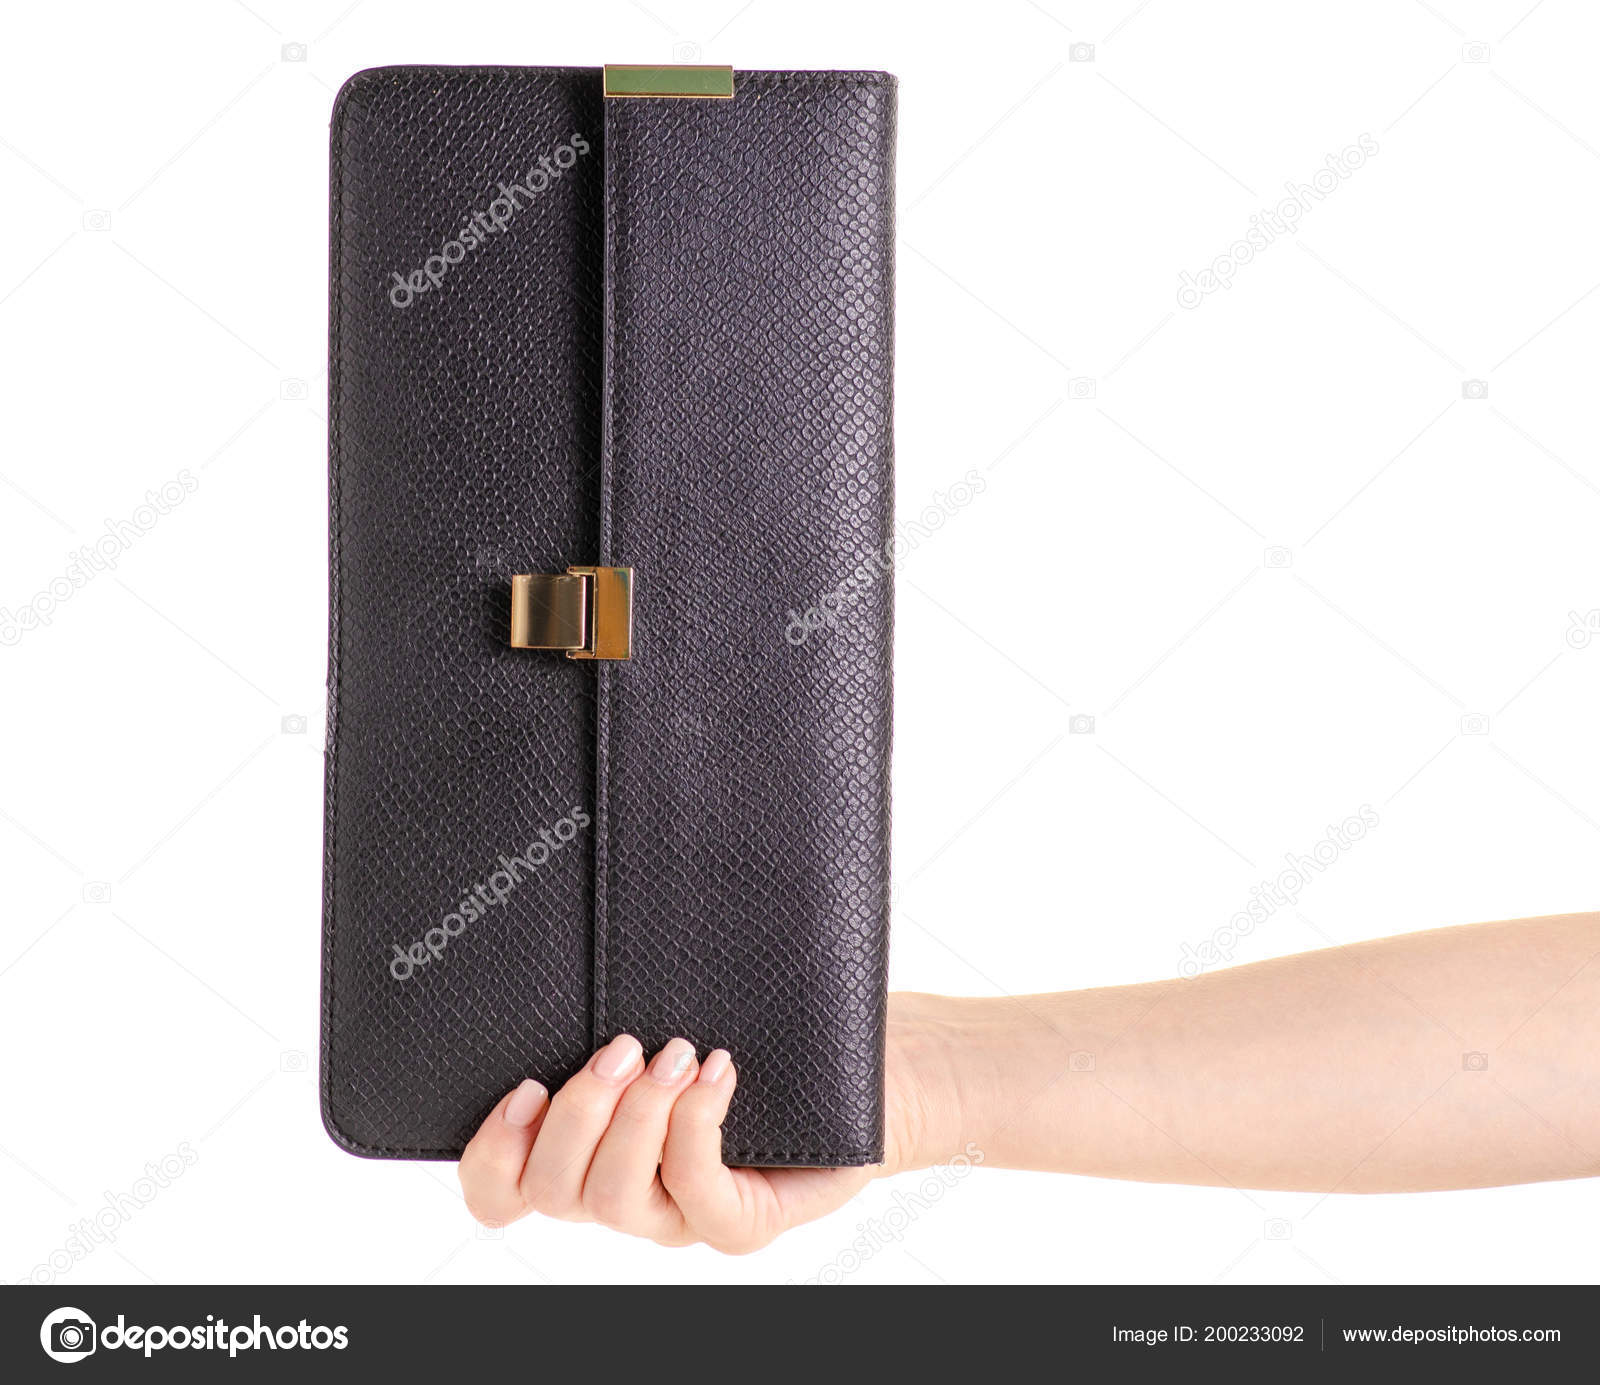 aa6ea329164b2 Siyah deri kadın çanta debriyaj el Beyaz zemin yalıtımı hakkında —  Evgenyjs1 ...